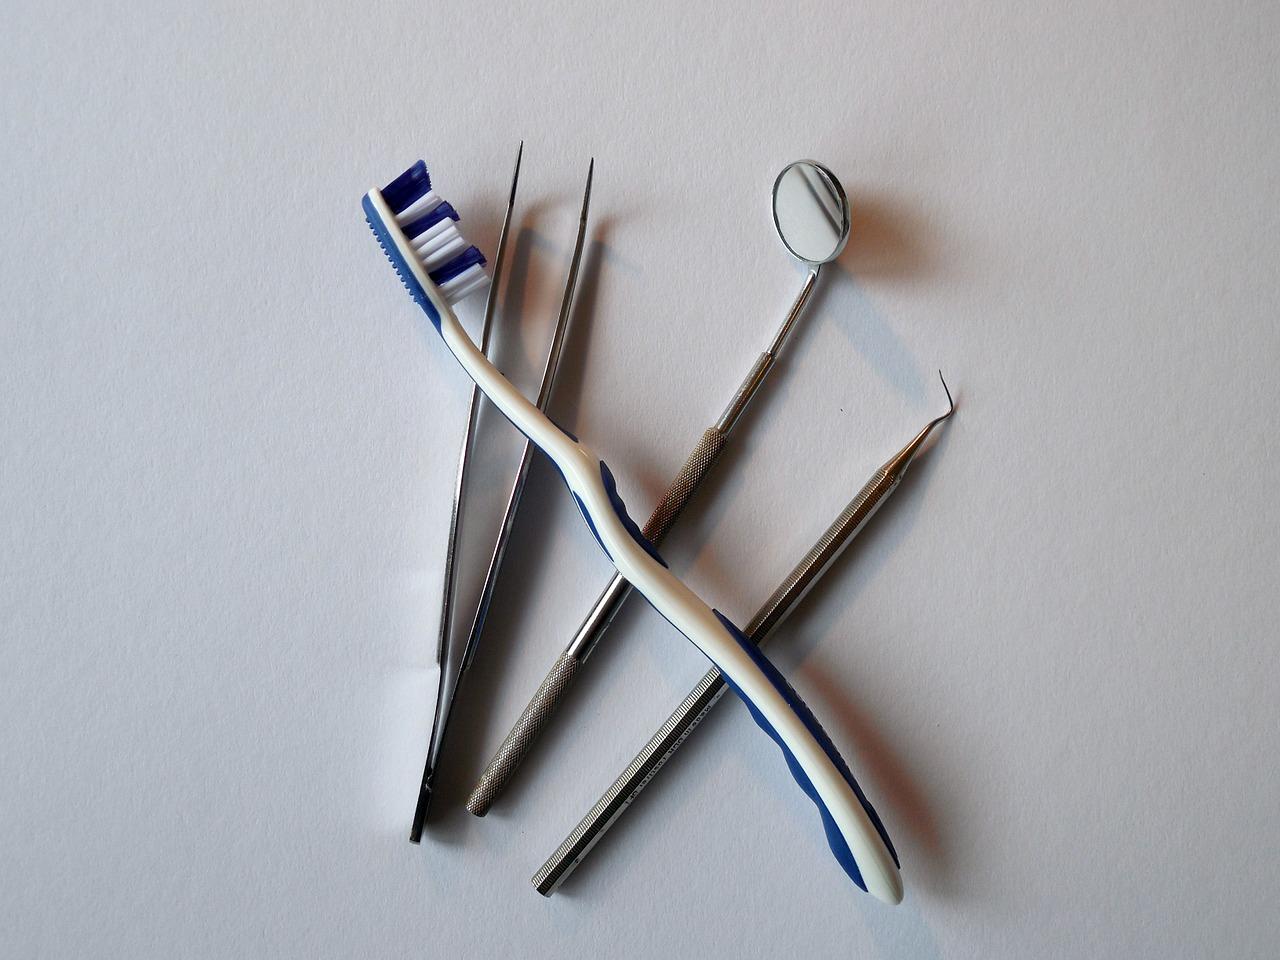 疑問!歯医者で保険がきかない治療について教えて!いい歯医者とは